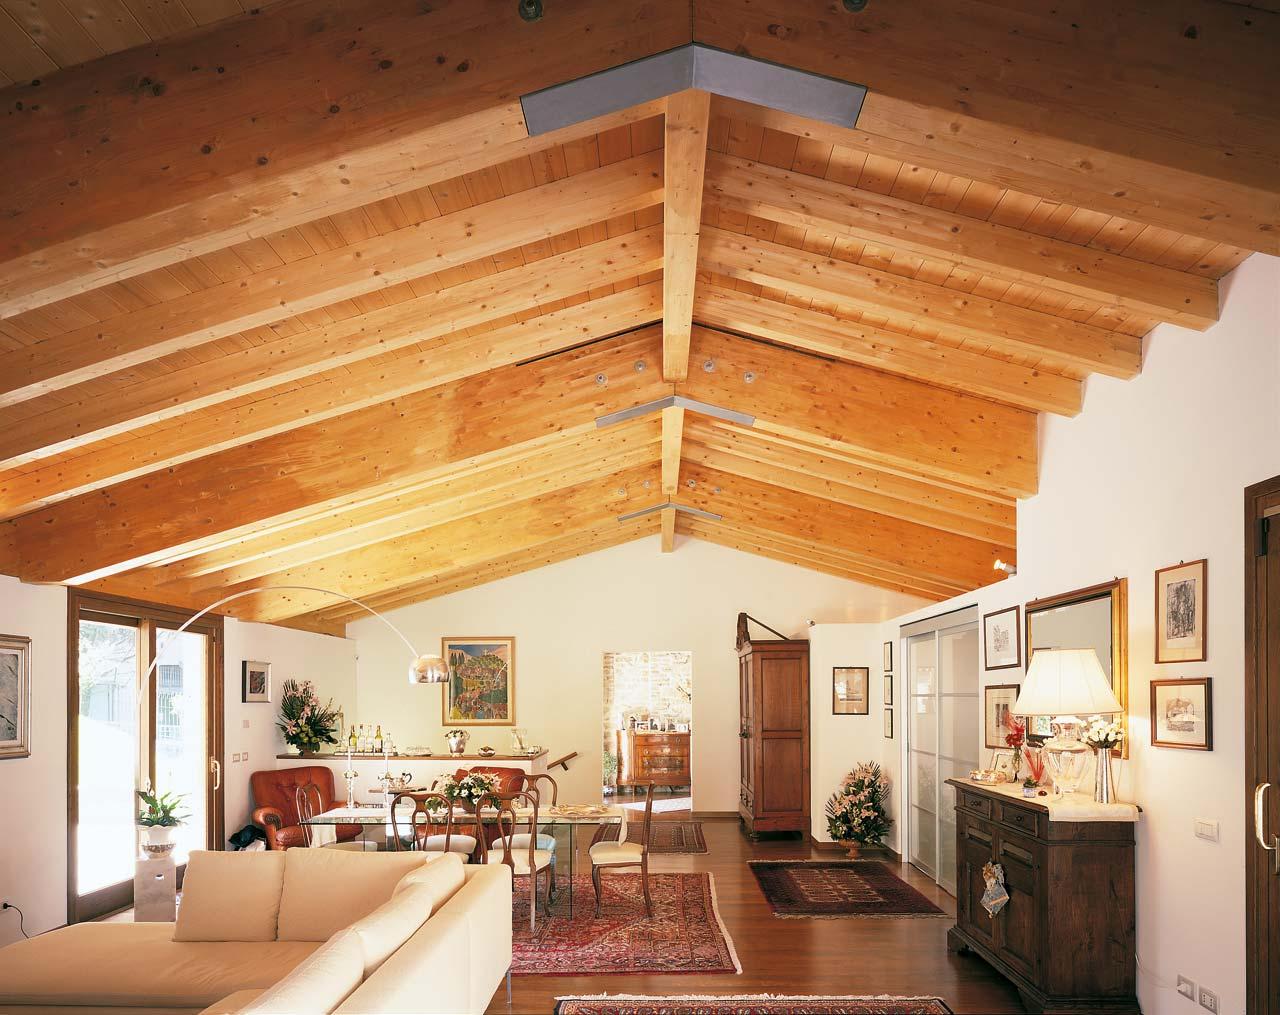 Tetto in legno casa umbria costantini sistema legno for Casa moderna con tetto in legno